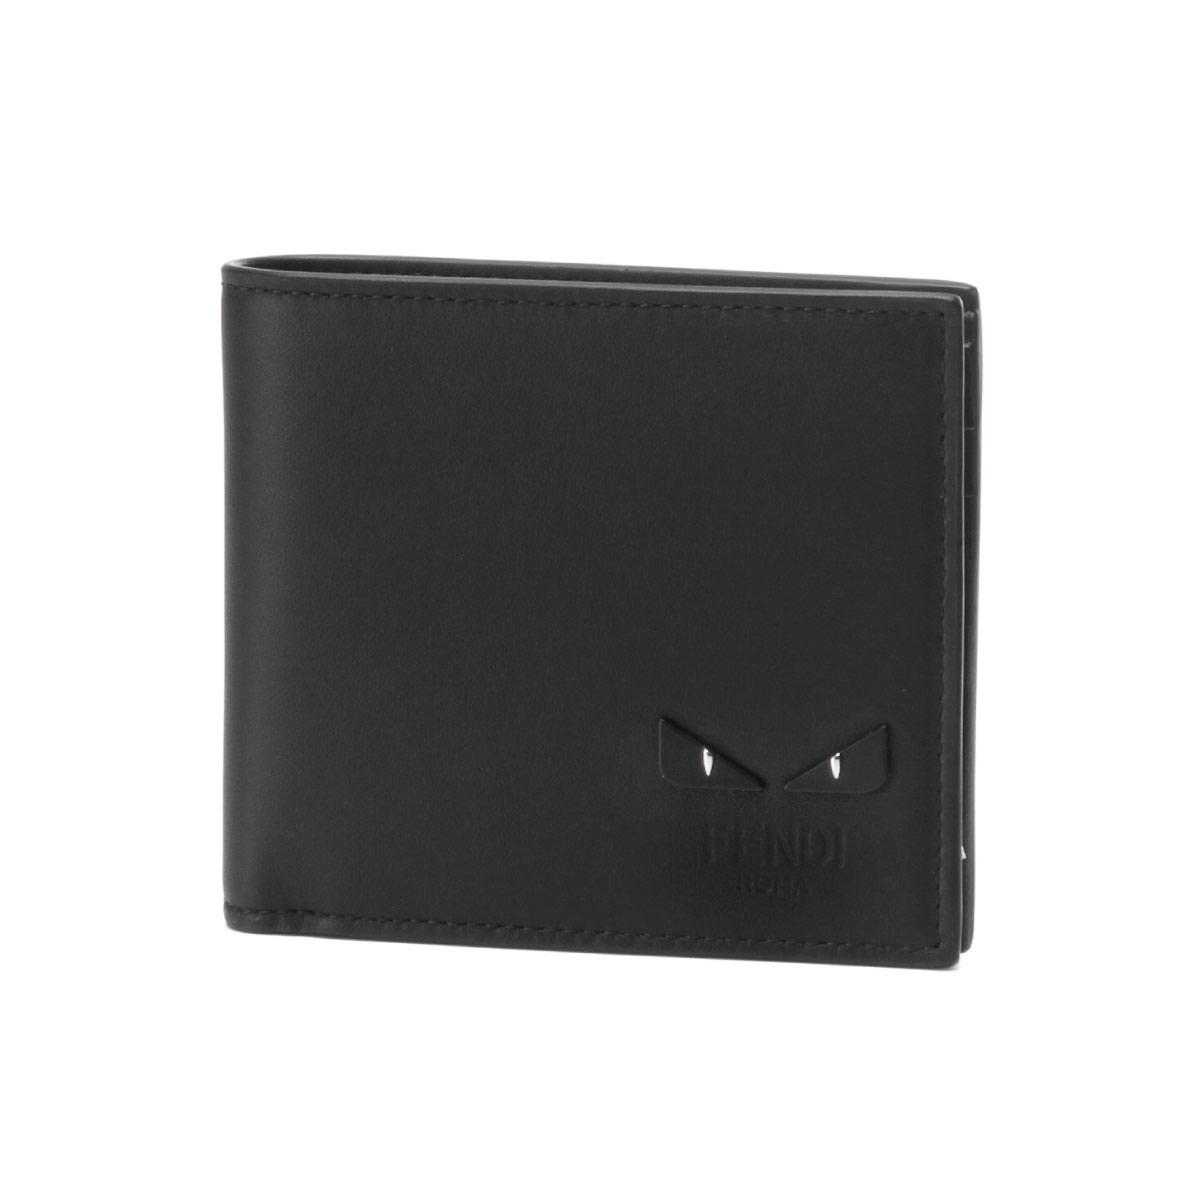 c16e9557 Fendi FENDI wallet men 7M0169 6OC F0GXN folio wallet NERO+PALLADIO black